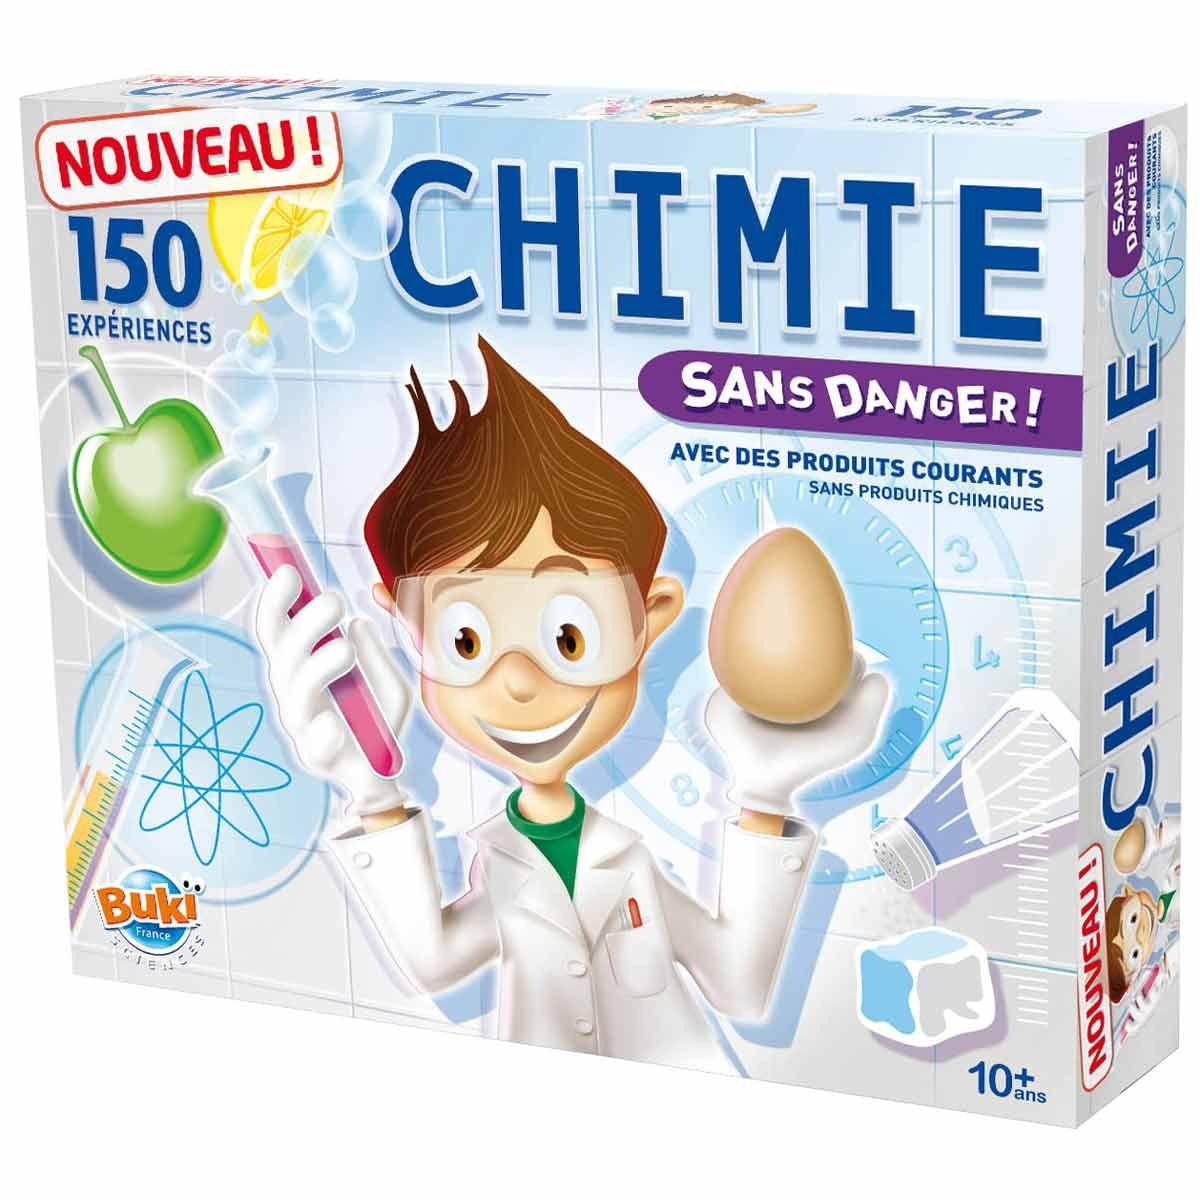 Grand Coffret Chimie 150 Expériences Buki | Chimie tout Jeux Educatif 10 Ans